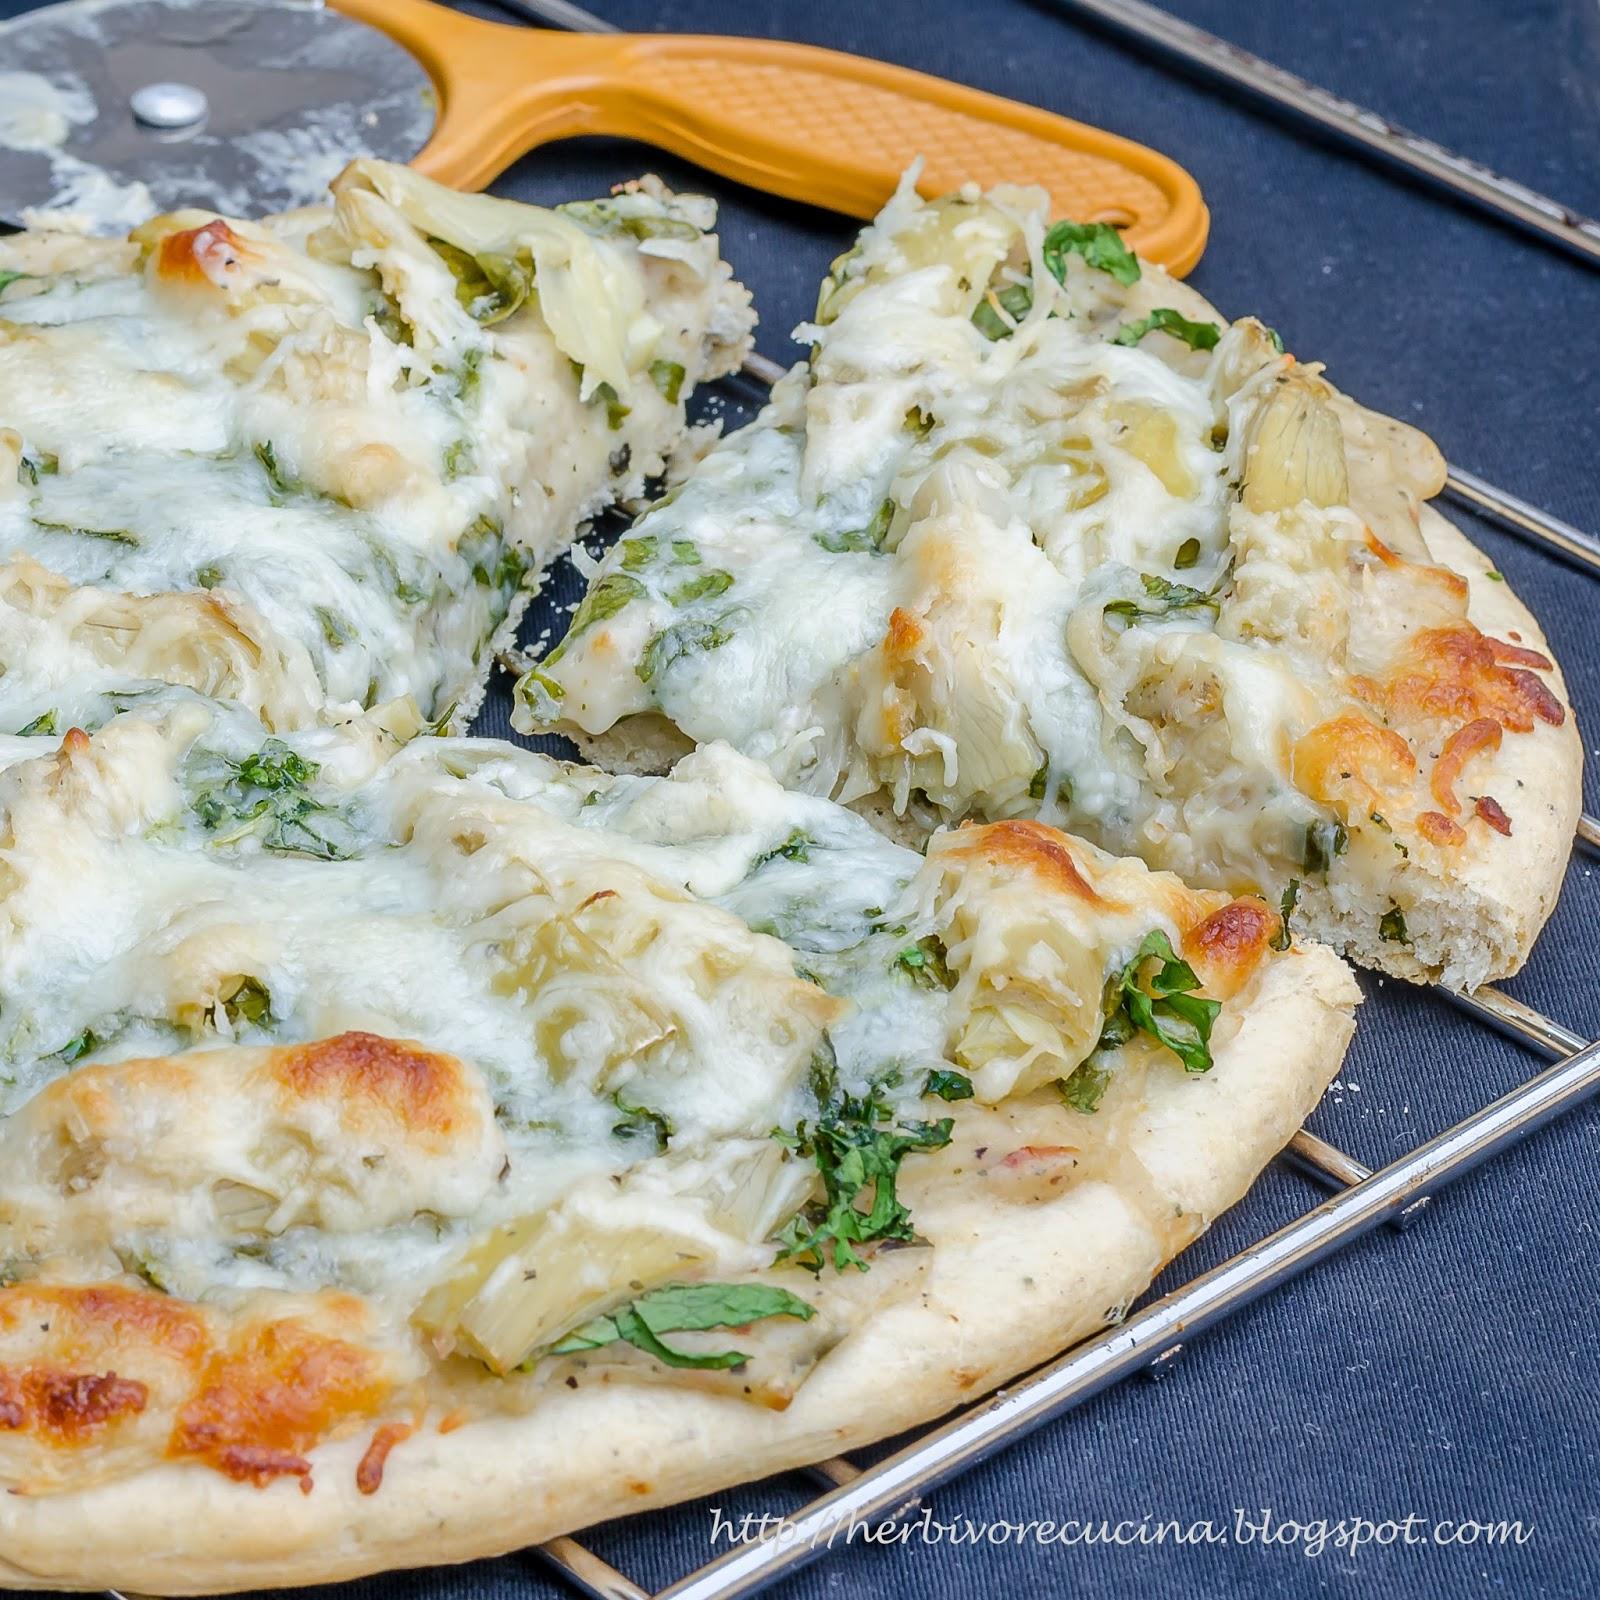 Spinach Artichoke Pizza: Herbivore Cucina: Spinach Artichoke Pizza